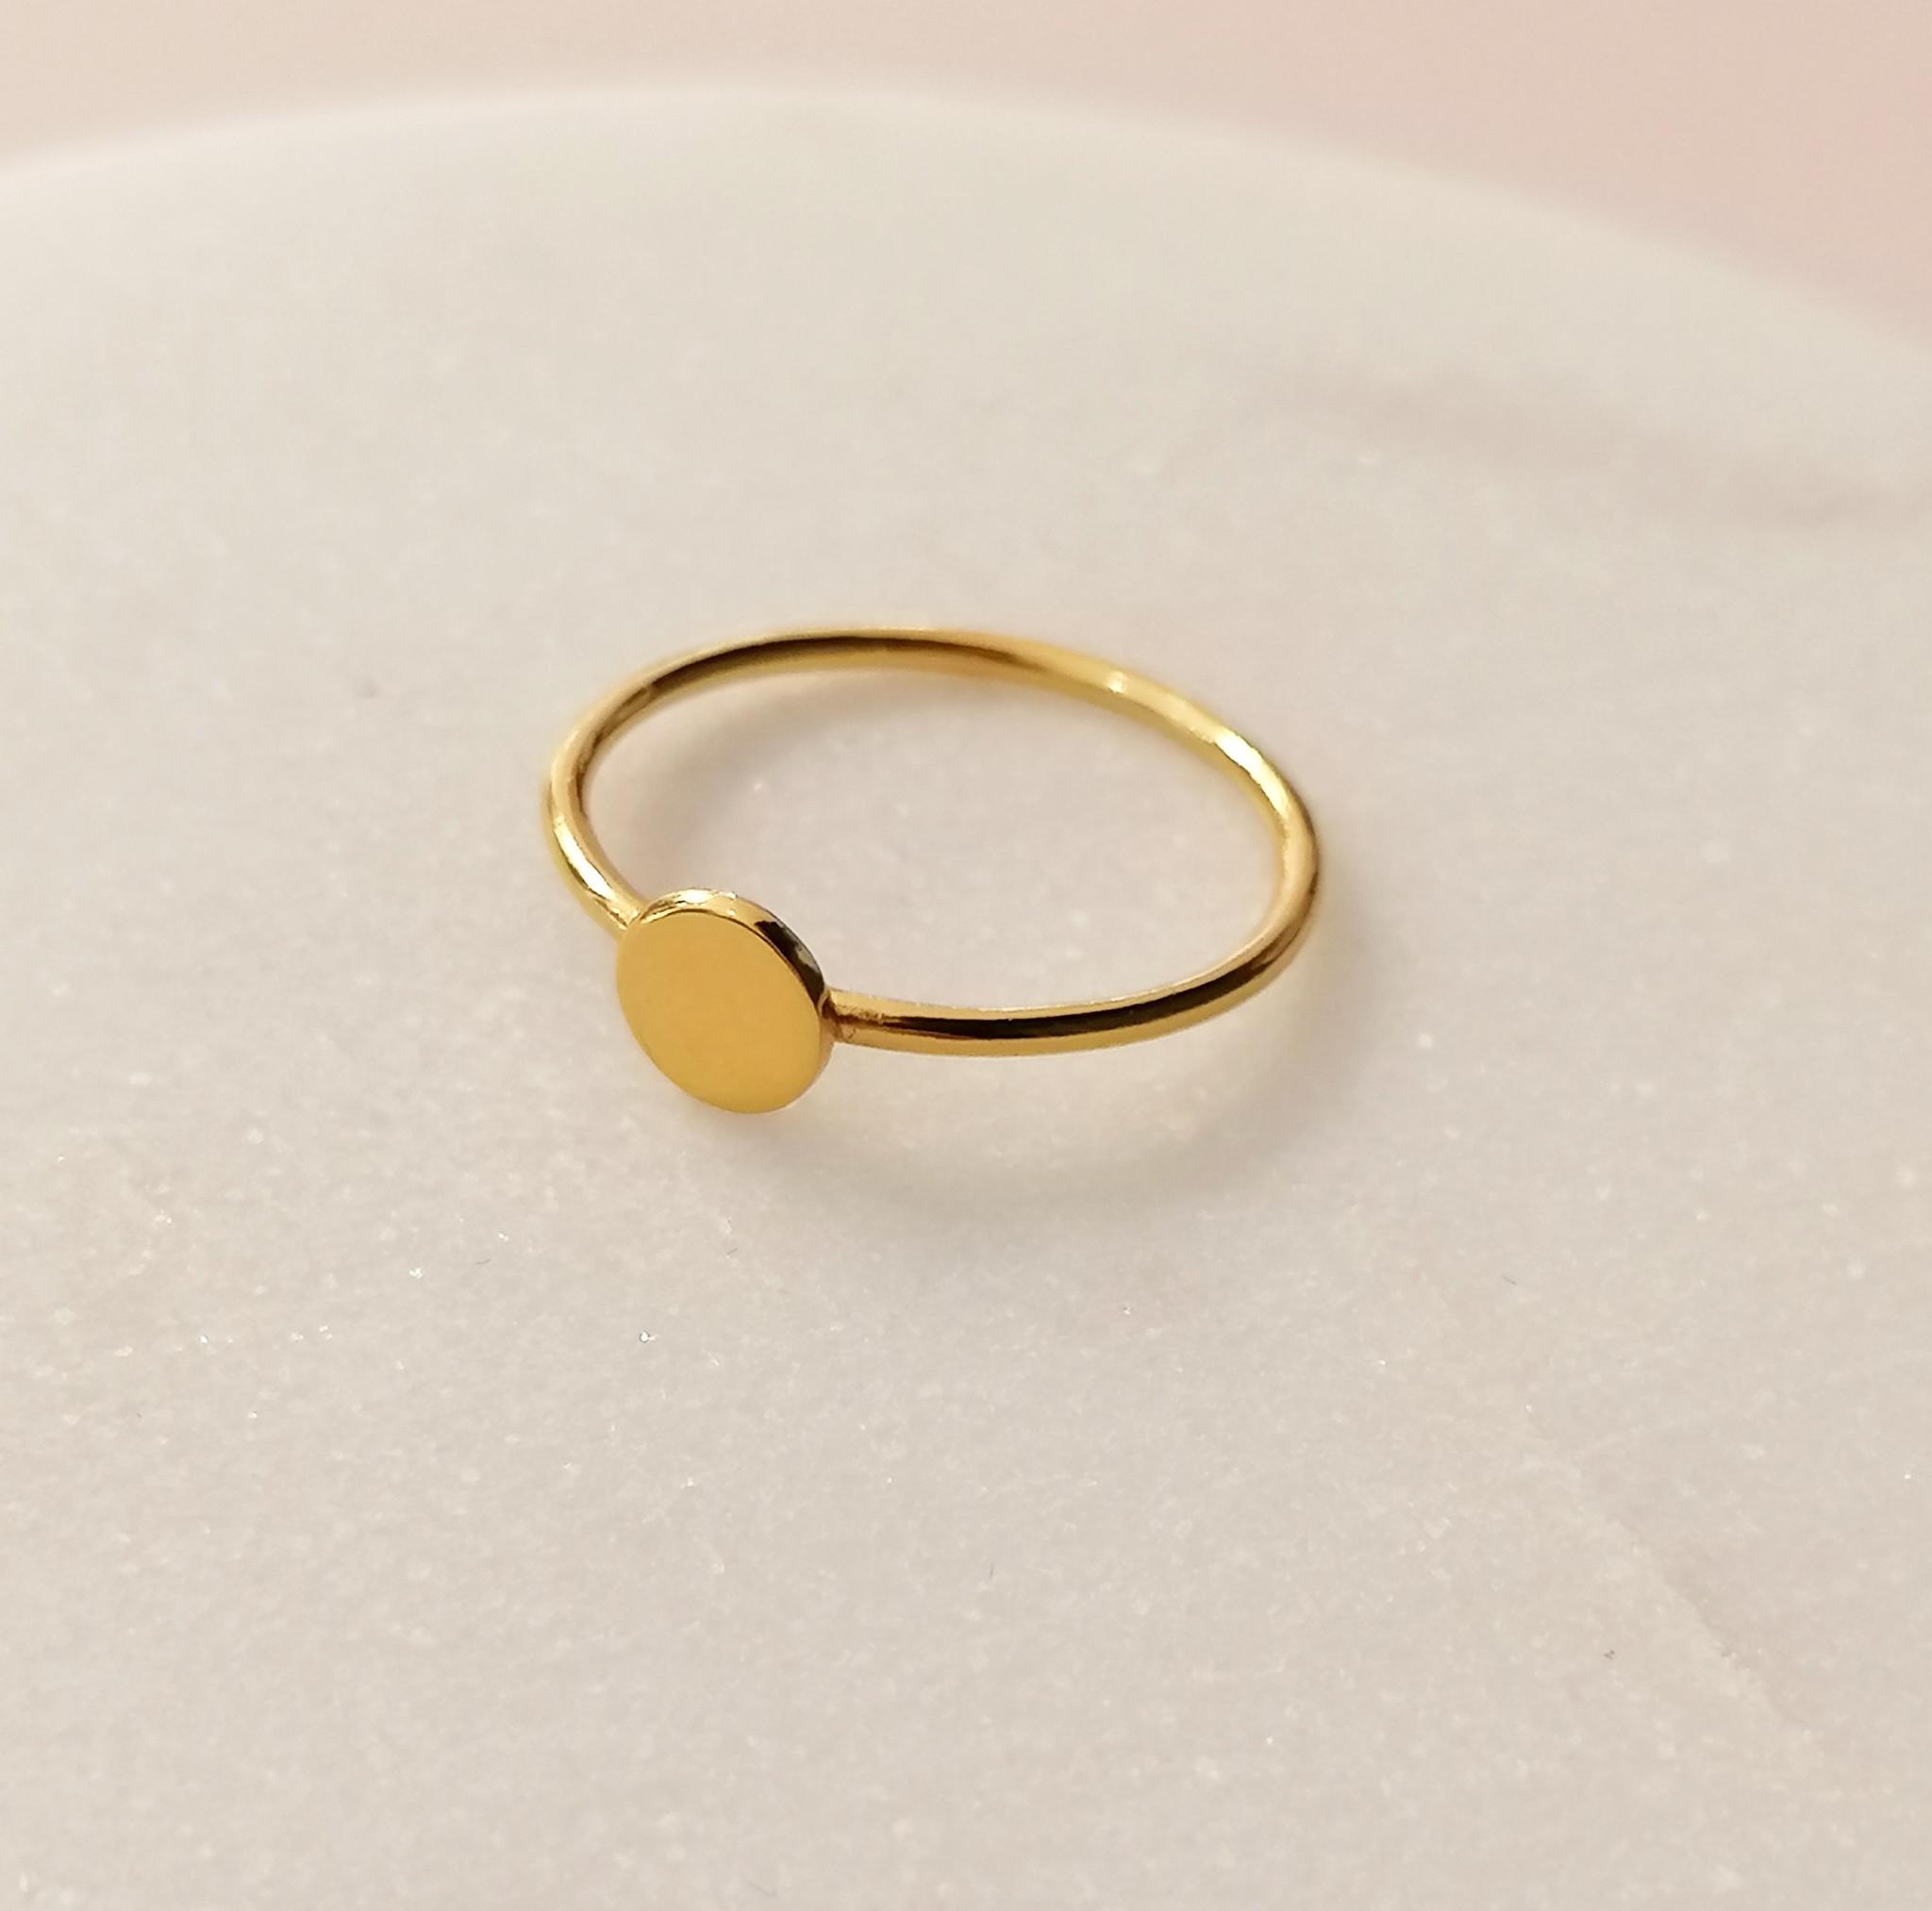 Feiner Ring mit Scheibe aus 925er Sterling Silber - Gold-2